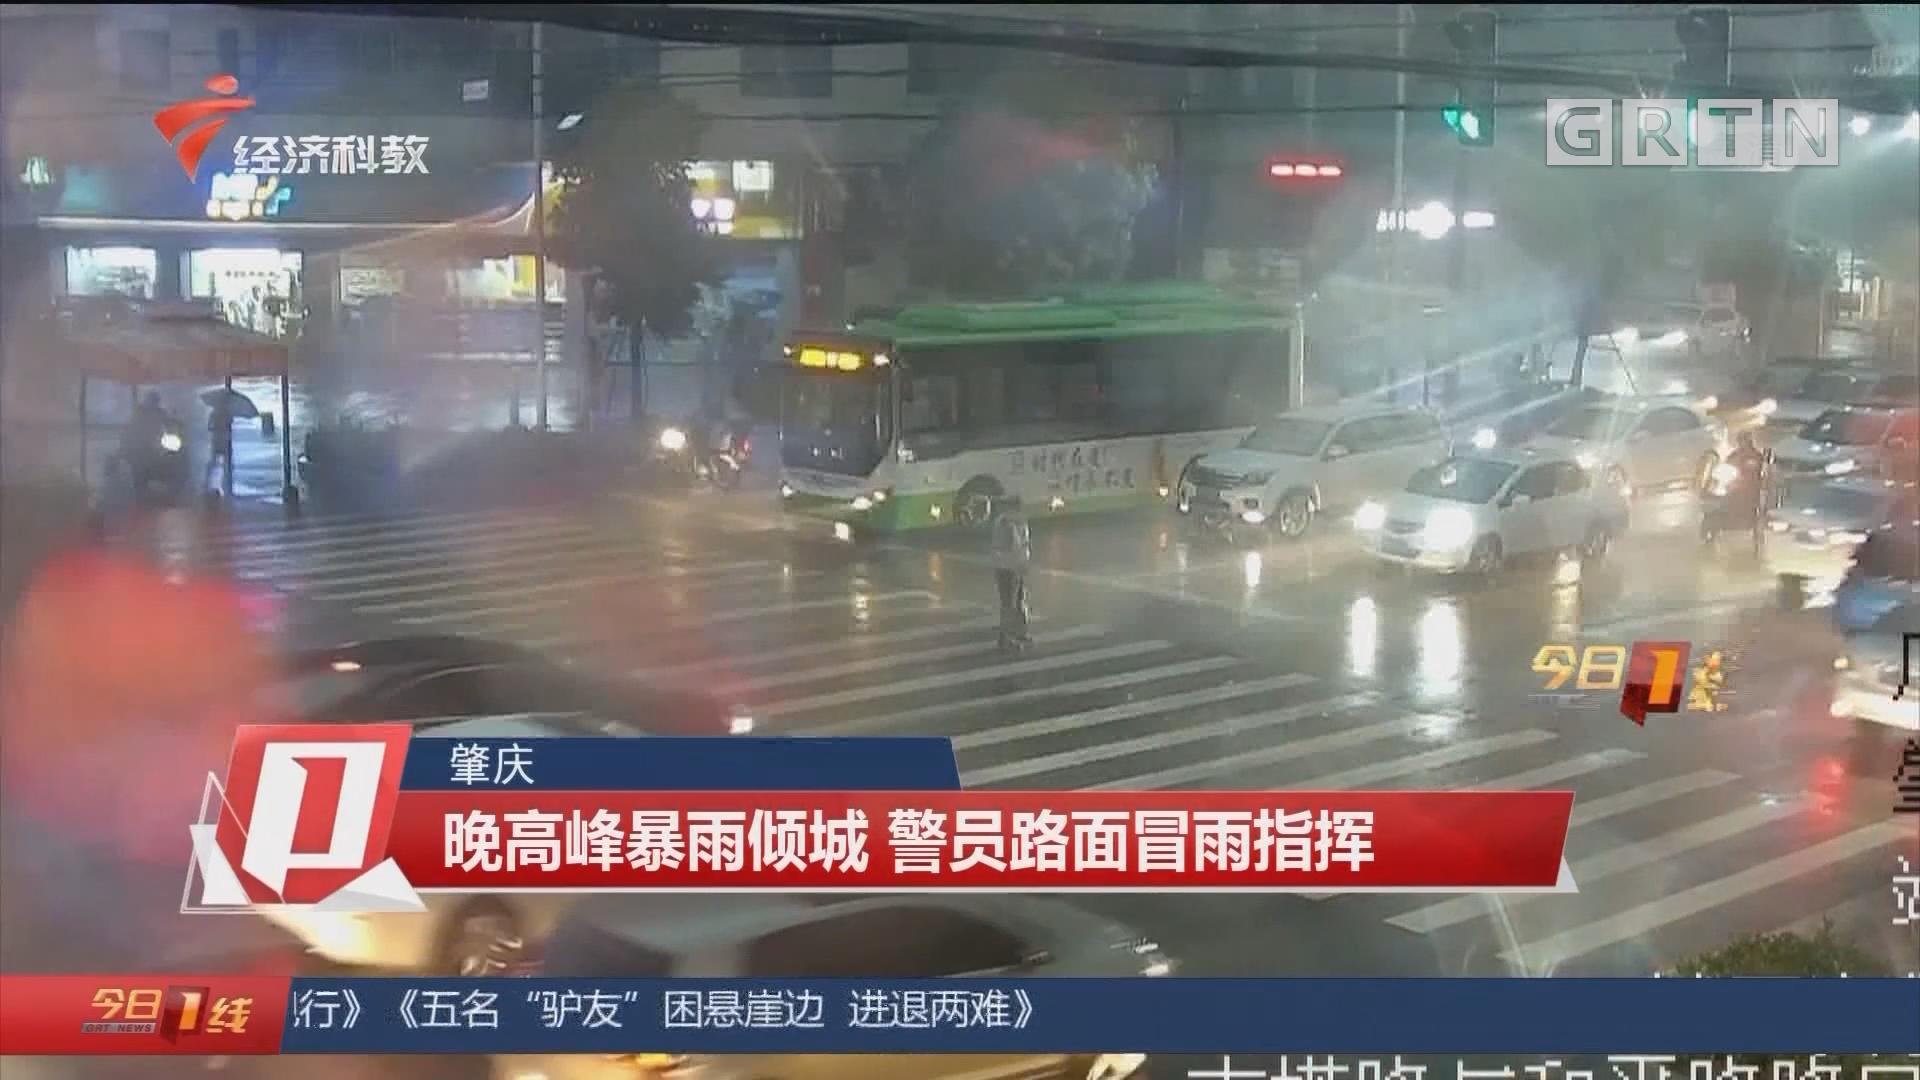 肇庆 晚高峰暴雨倾城 警员路面冒雨指挥